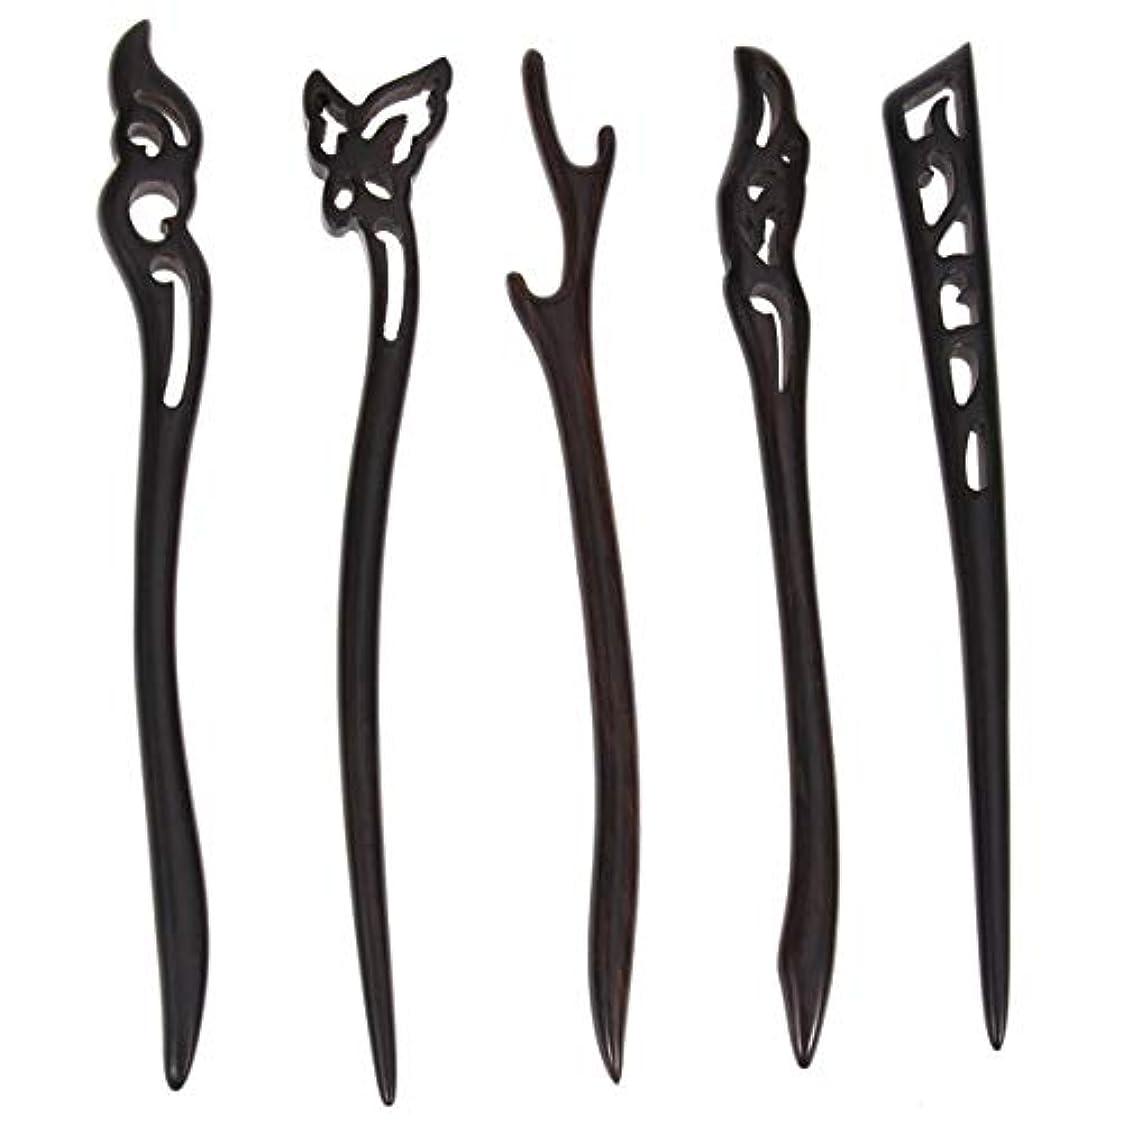 クリケット努力するソーシャルLurrose 5ピース木製ヘアスティック中国髪箸中空彫刻デザイン用女性ロングヘアスタイリング